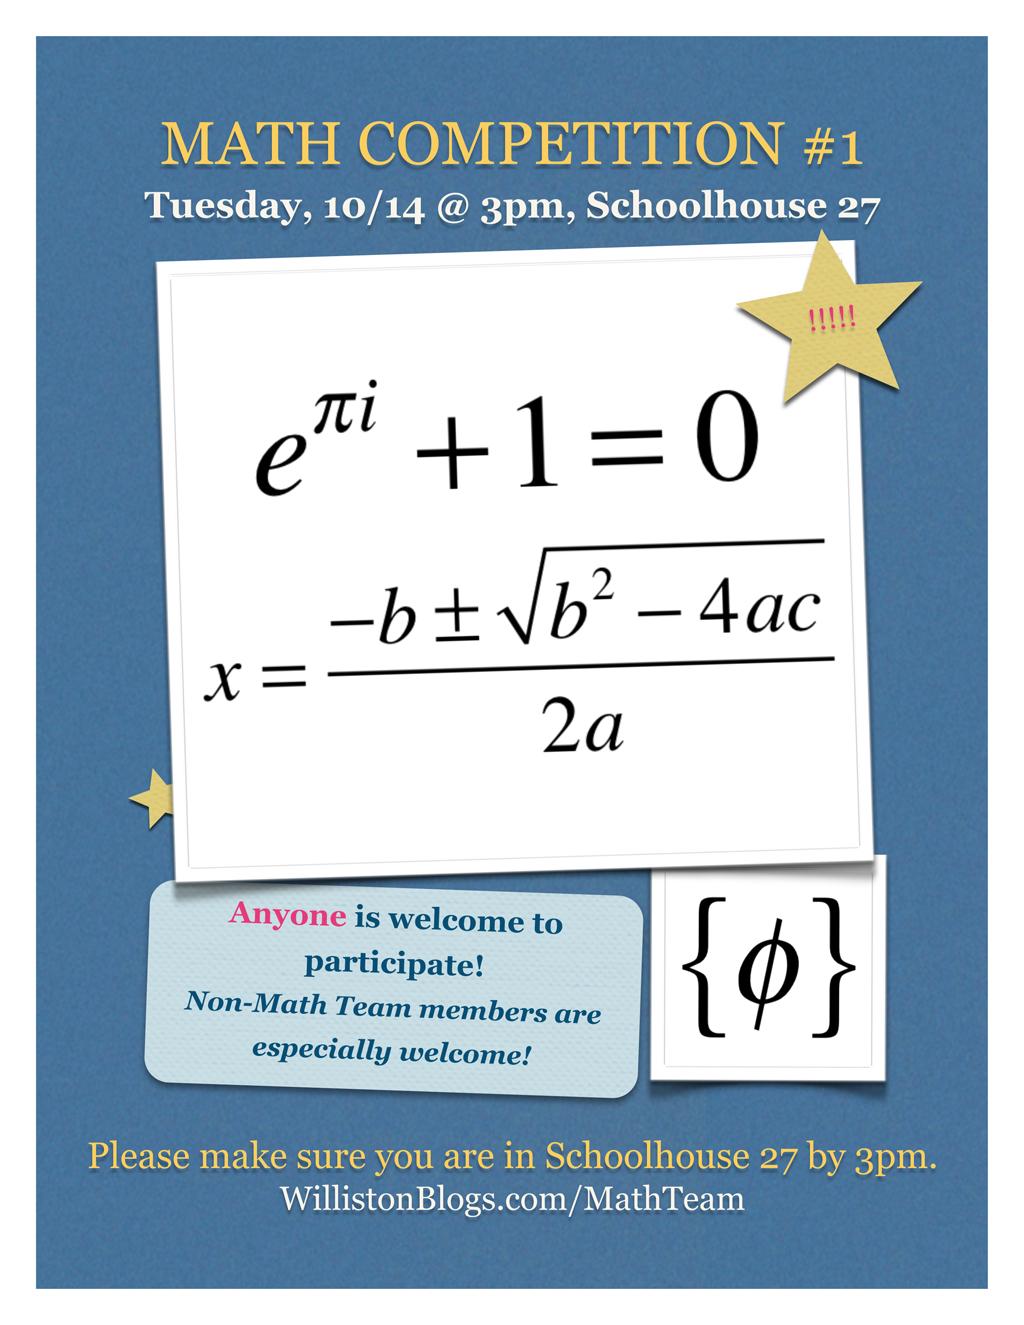 Math-Team-Poster-3